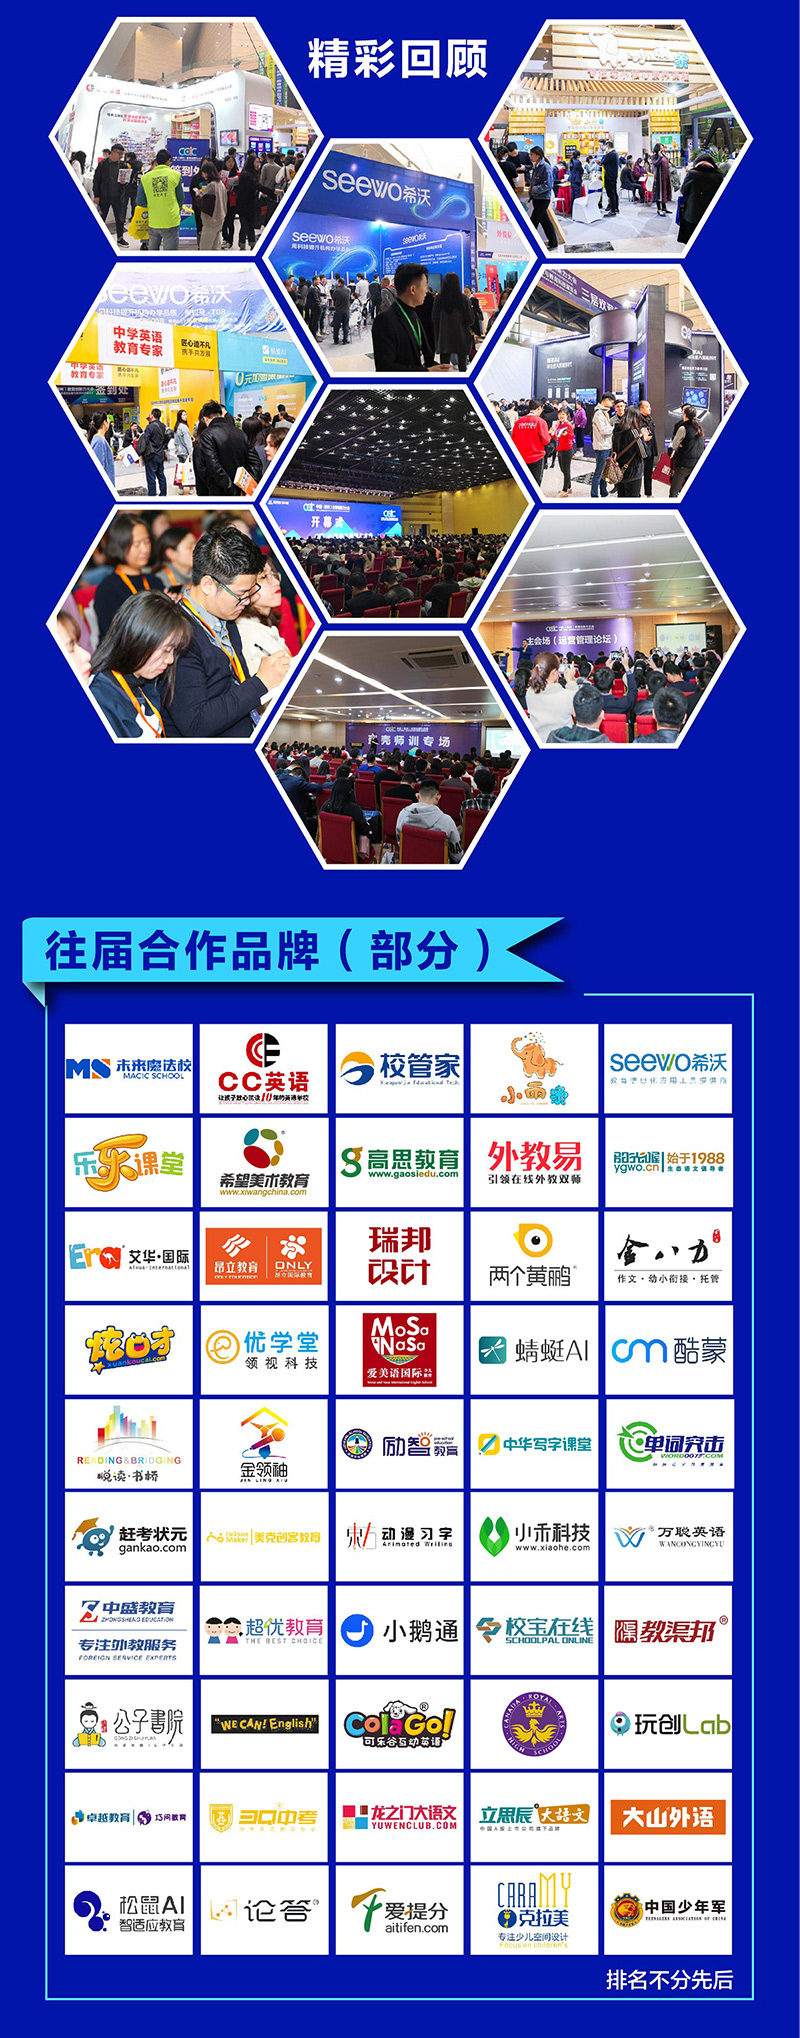 2020中国教育加盟与教育科技展览会